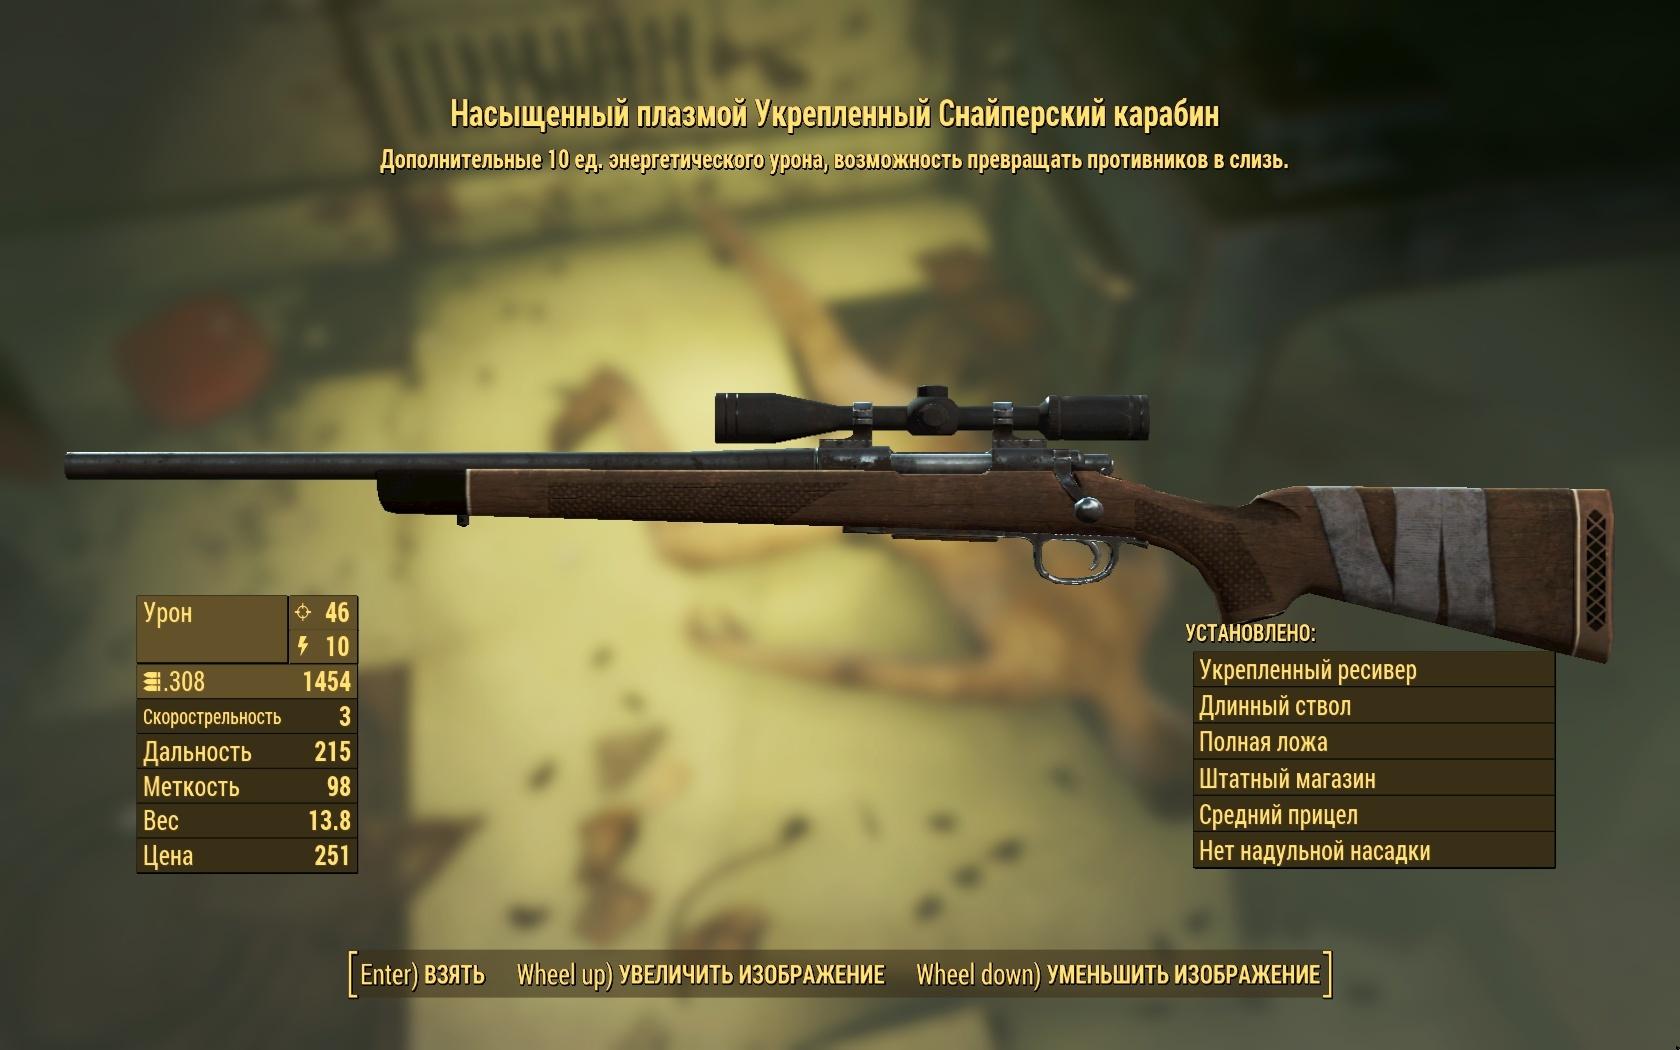 карабин - Fallout 4 Насыщенный, Оружие, плазма, снайперский, укреплённый